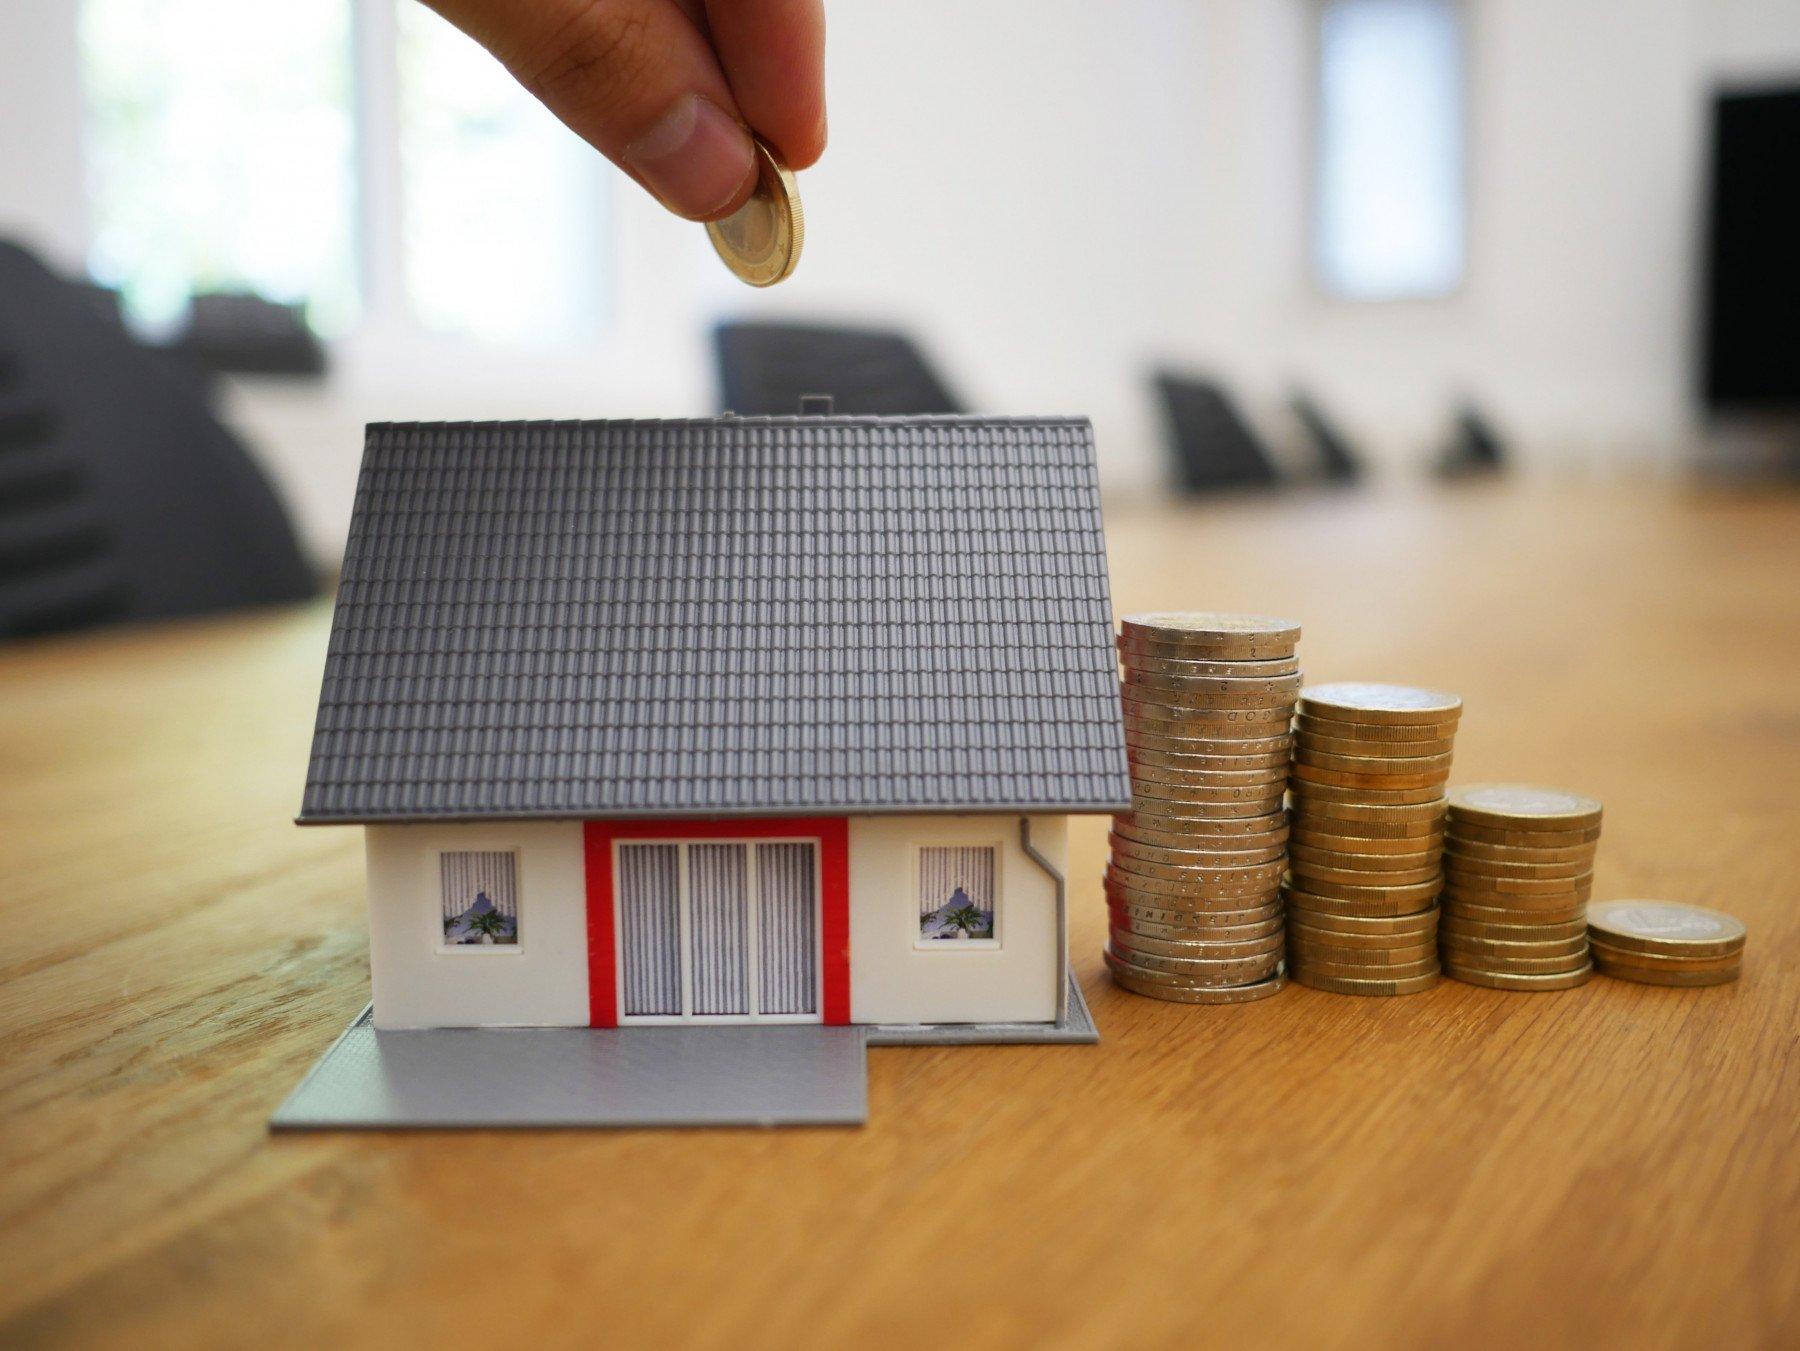 Litet modellhus och 4 högar med mynt på ett bord